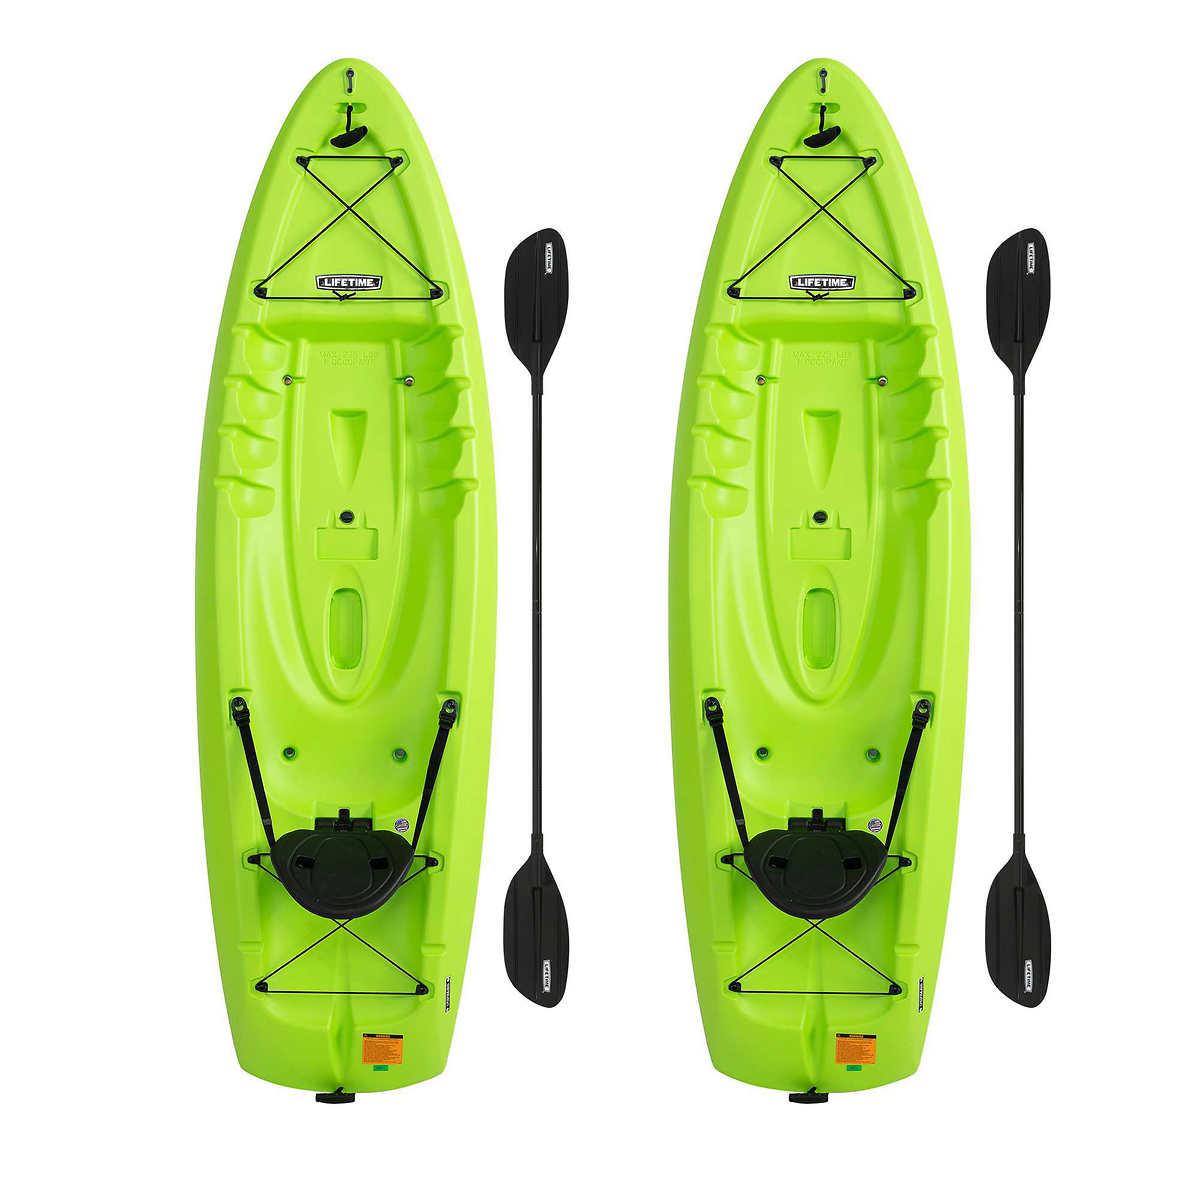 Kayak 2-Pack Sit on Top - $469.99